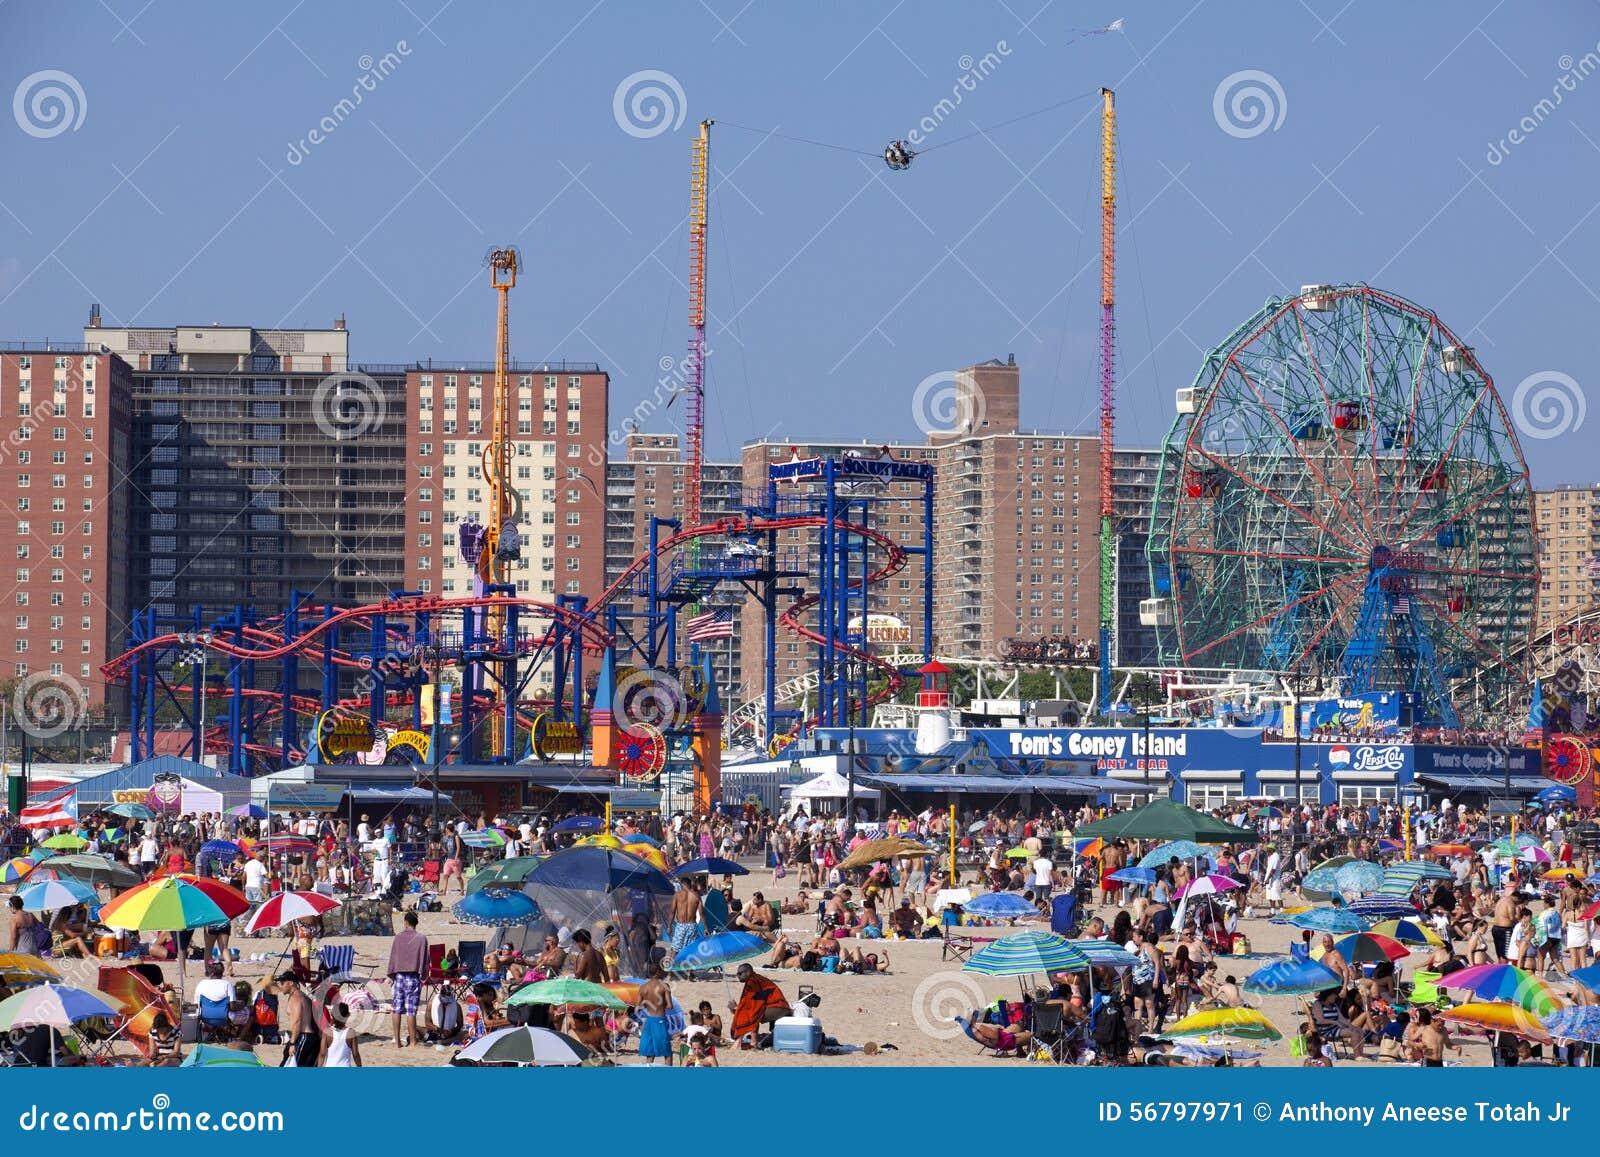 coney island new york city foto editorial imagen de playa apretado 56797971. Black Bedroom Furniture Sets. Home Design Ideas